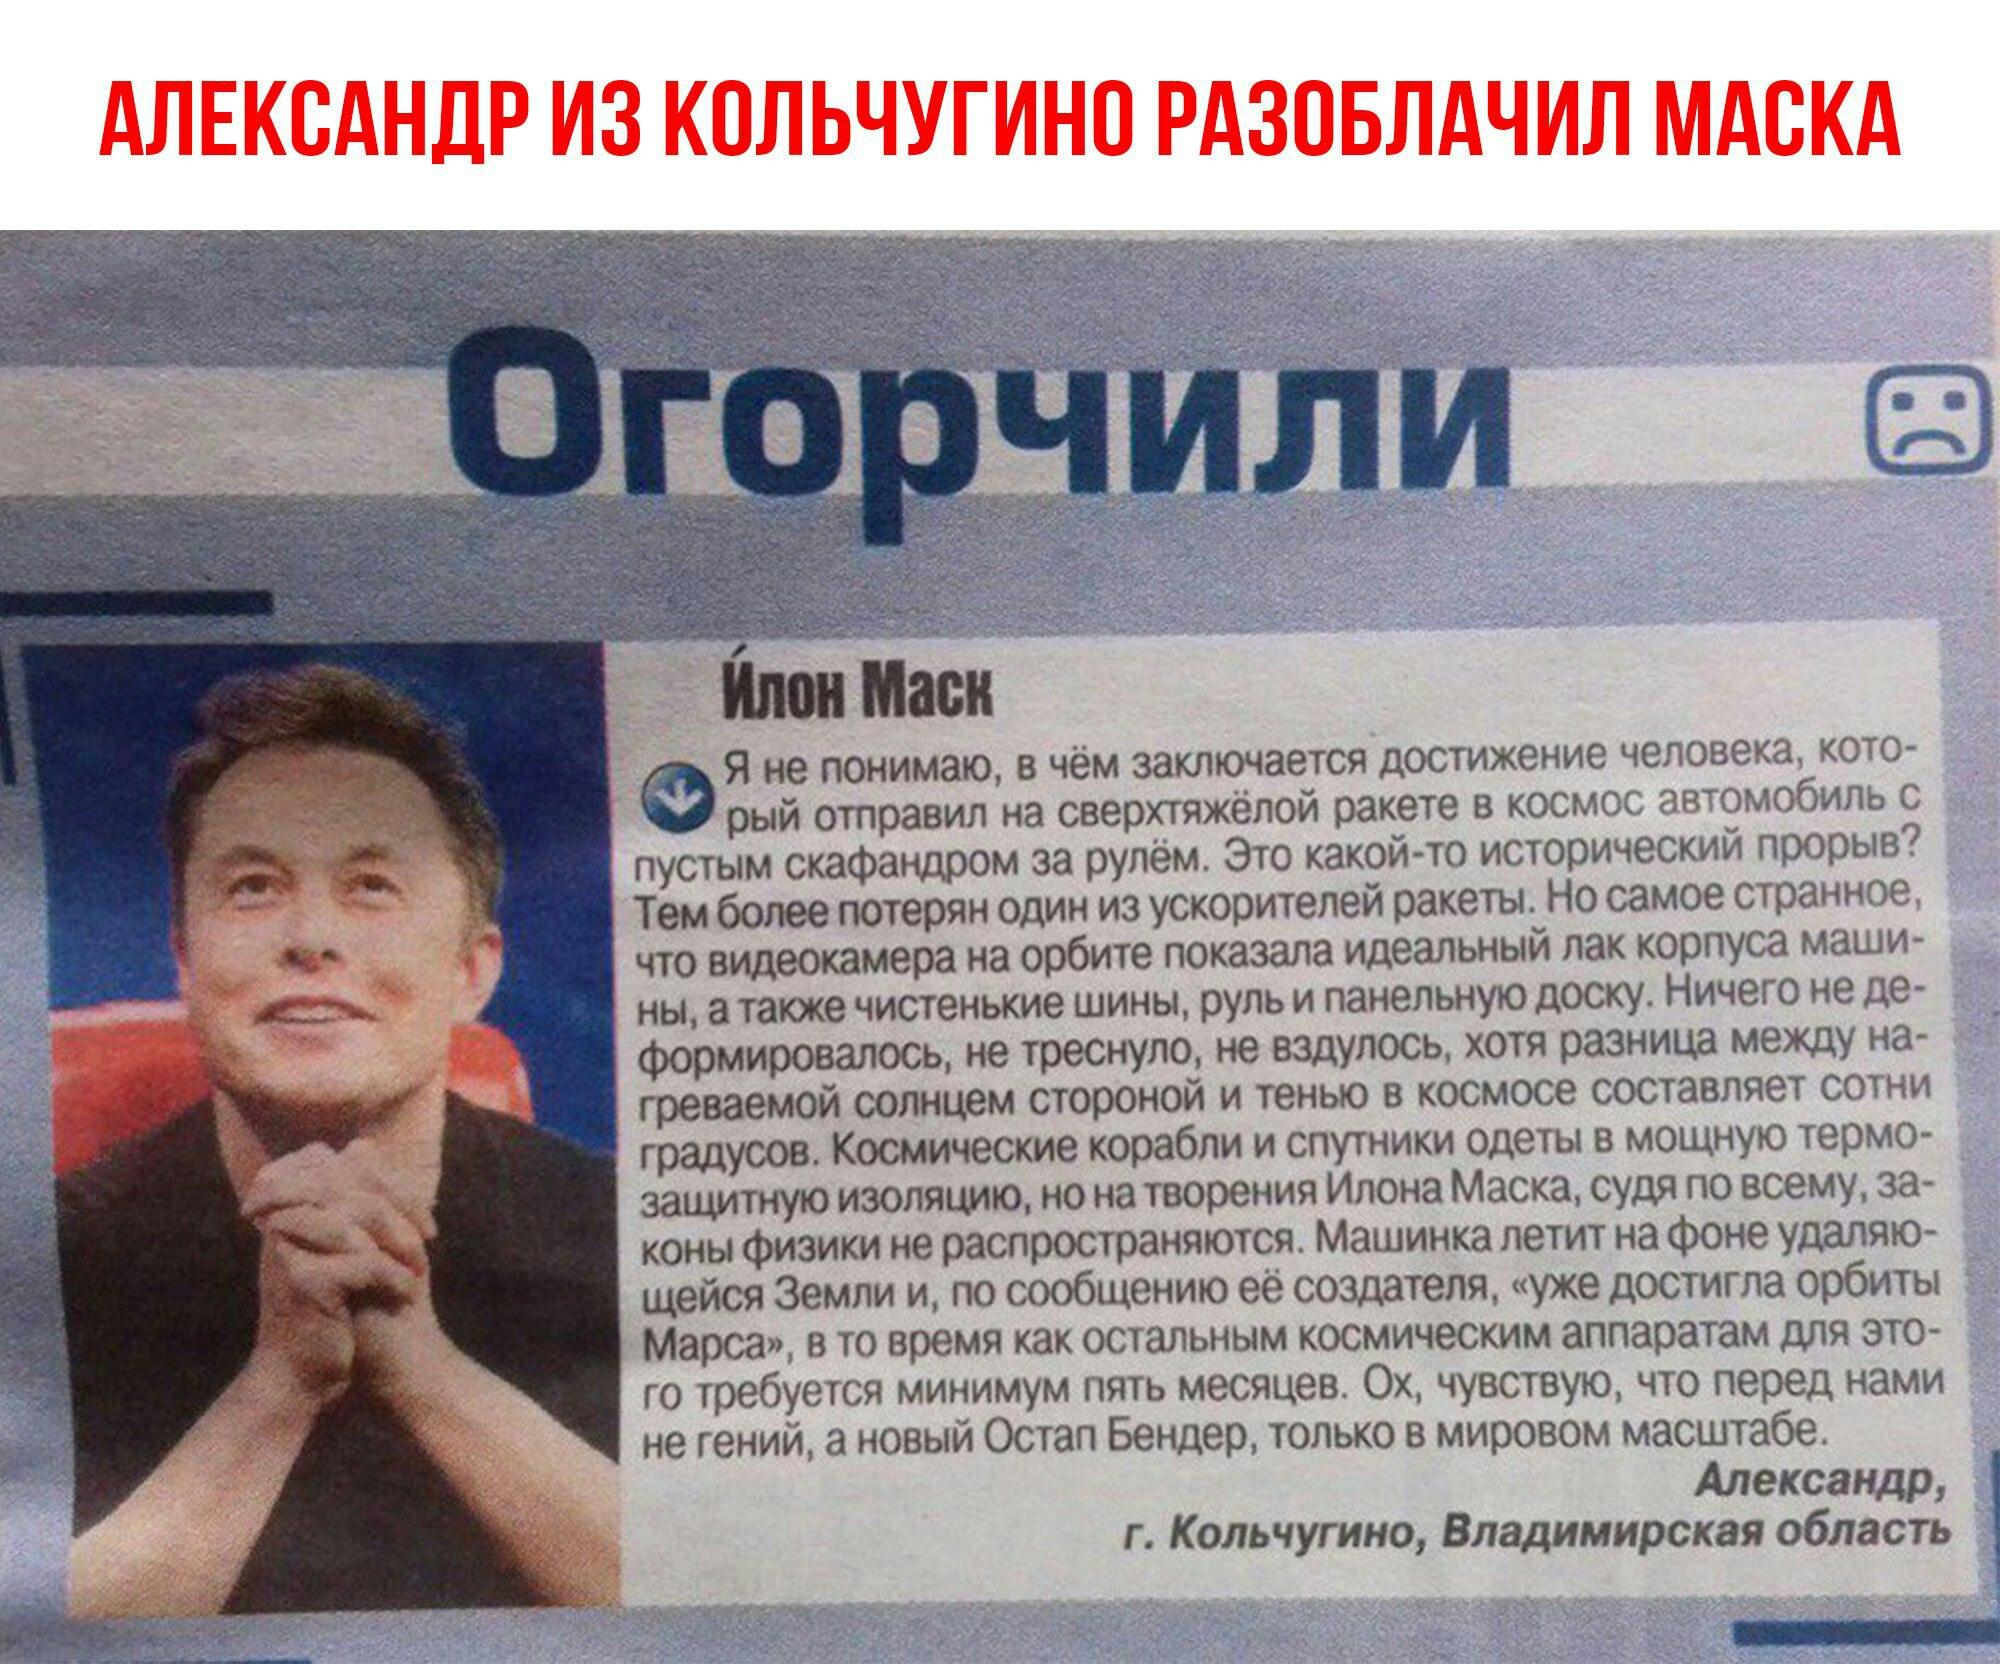 http://s5.uploads.ru/JEmtV.jpg